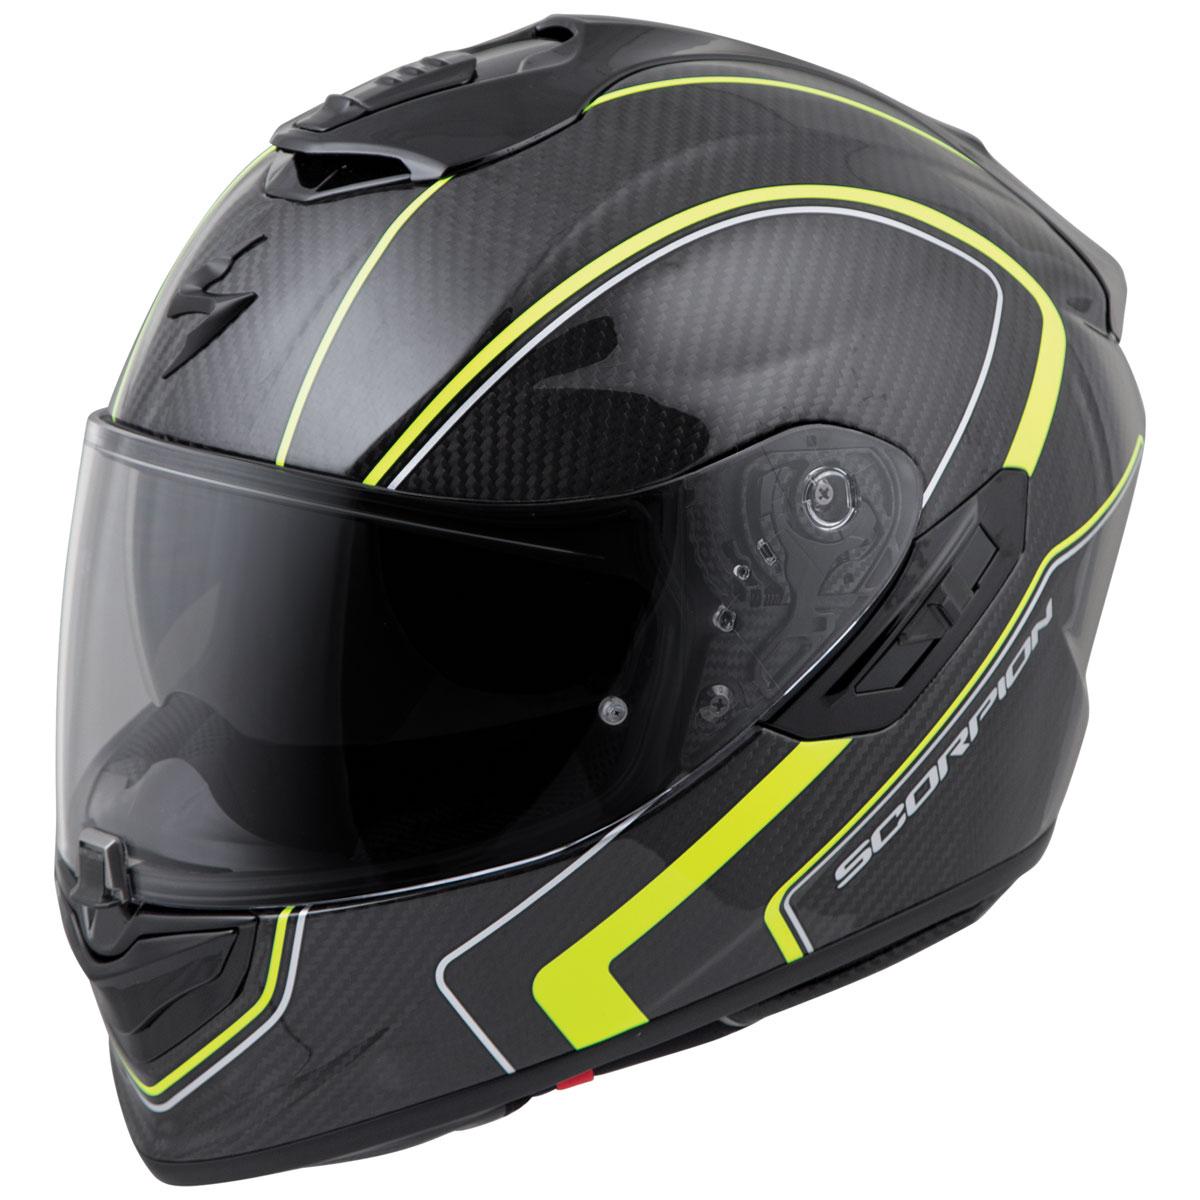 Scorpion EXO EXO-ST1400 Carbon Antrim Hi-Viz Full Face Helmet